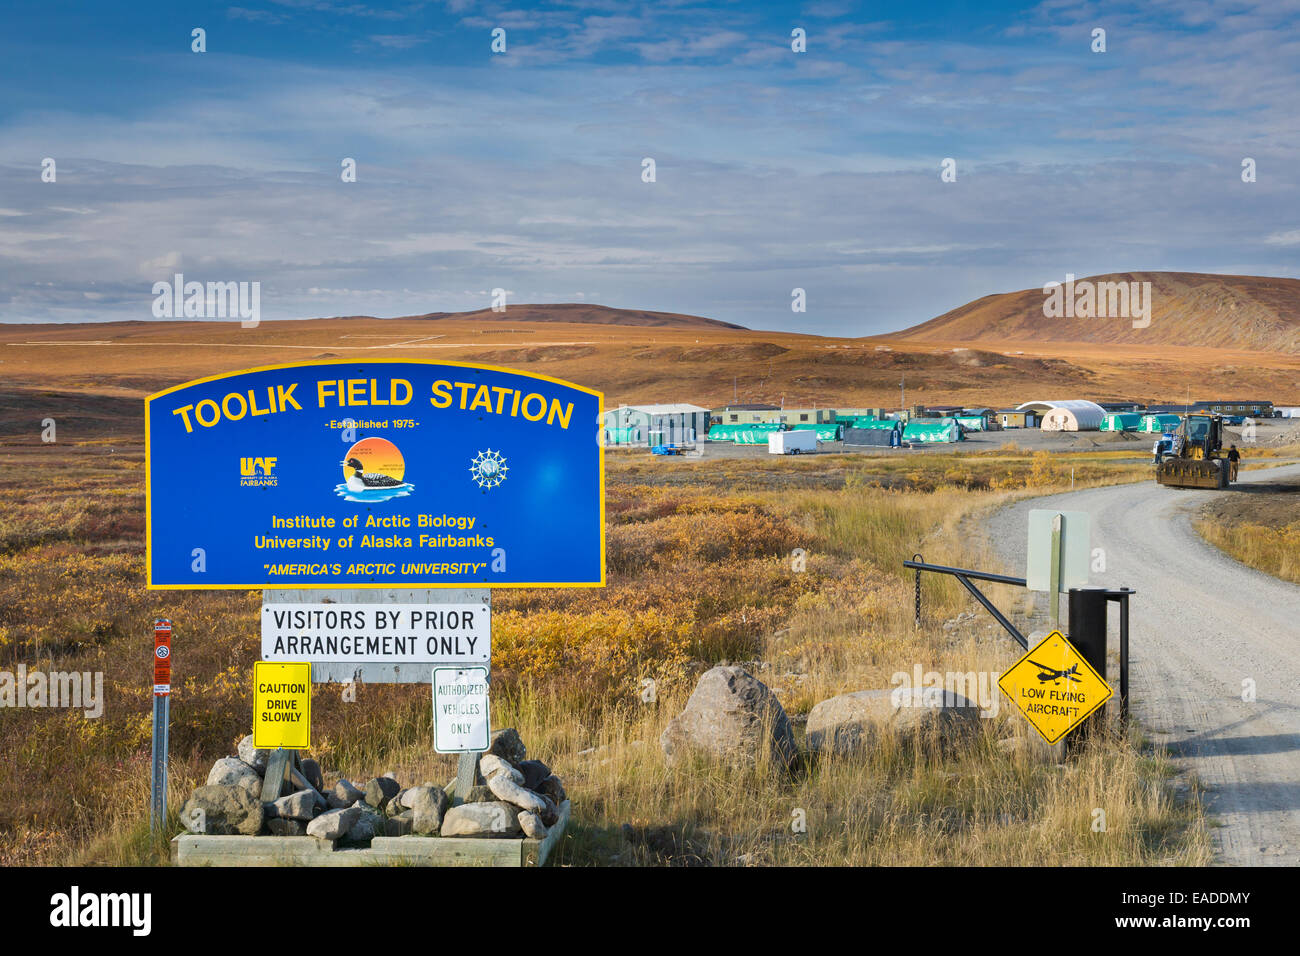 University of Alaska Institute of Arctic Biology Toolik Field Station, Brooks range, Alaska. - Stock Image